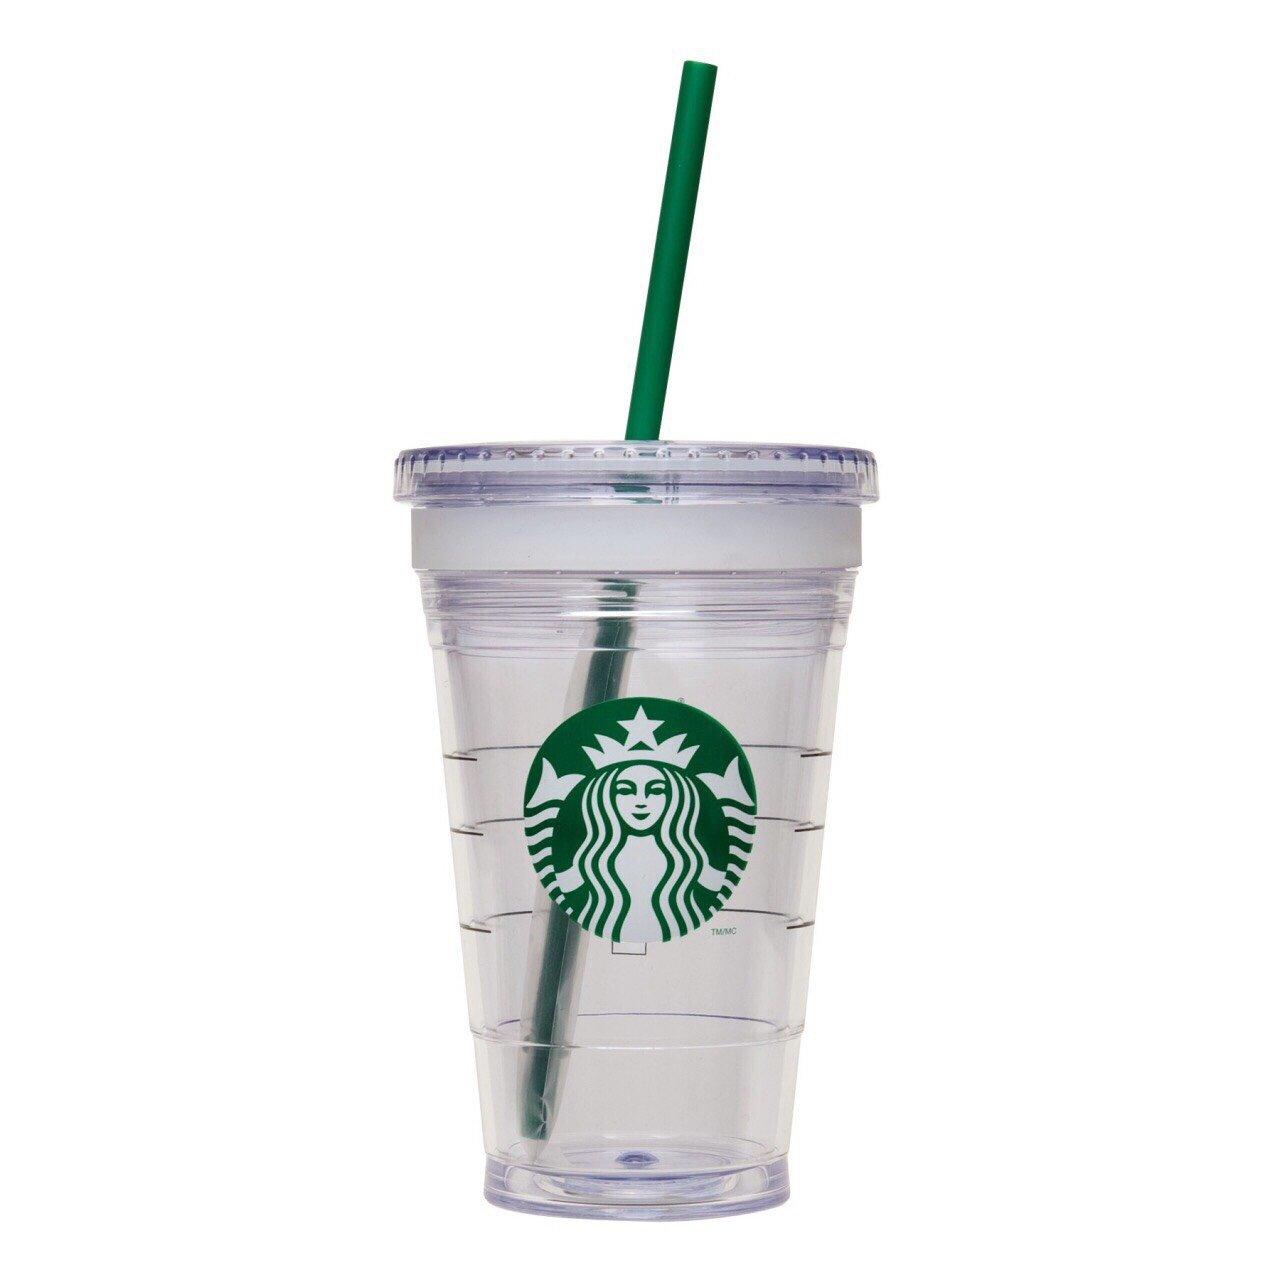 พร้อมส่ง :: แก้วน้ำ Starbucks 2 ชั้น พร้อมหลอด